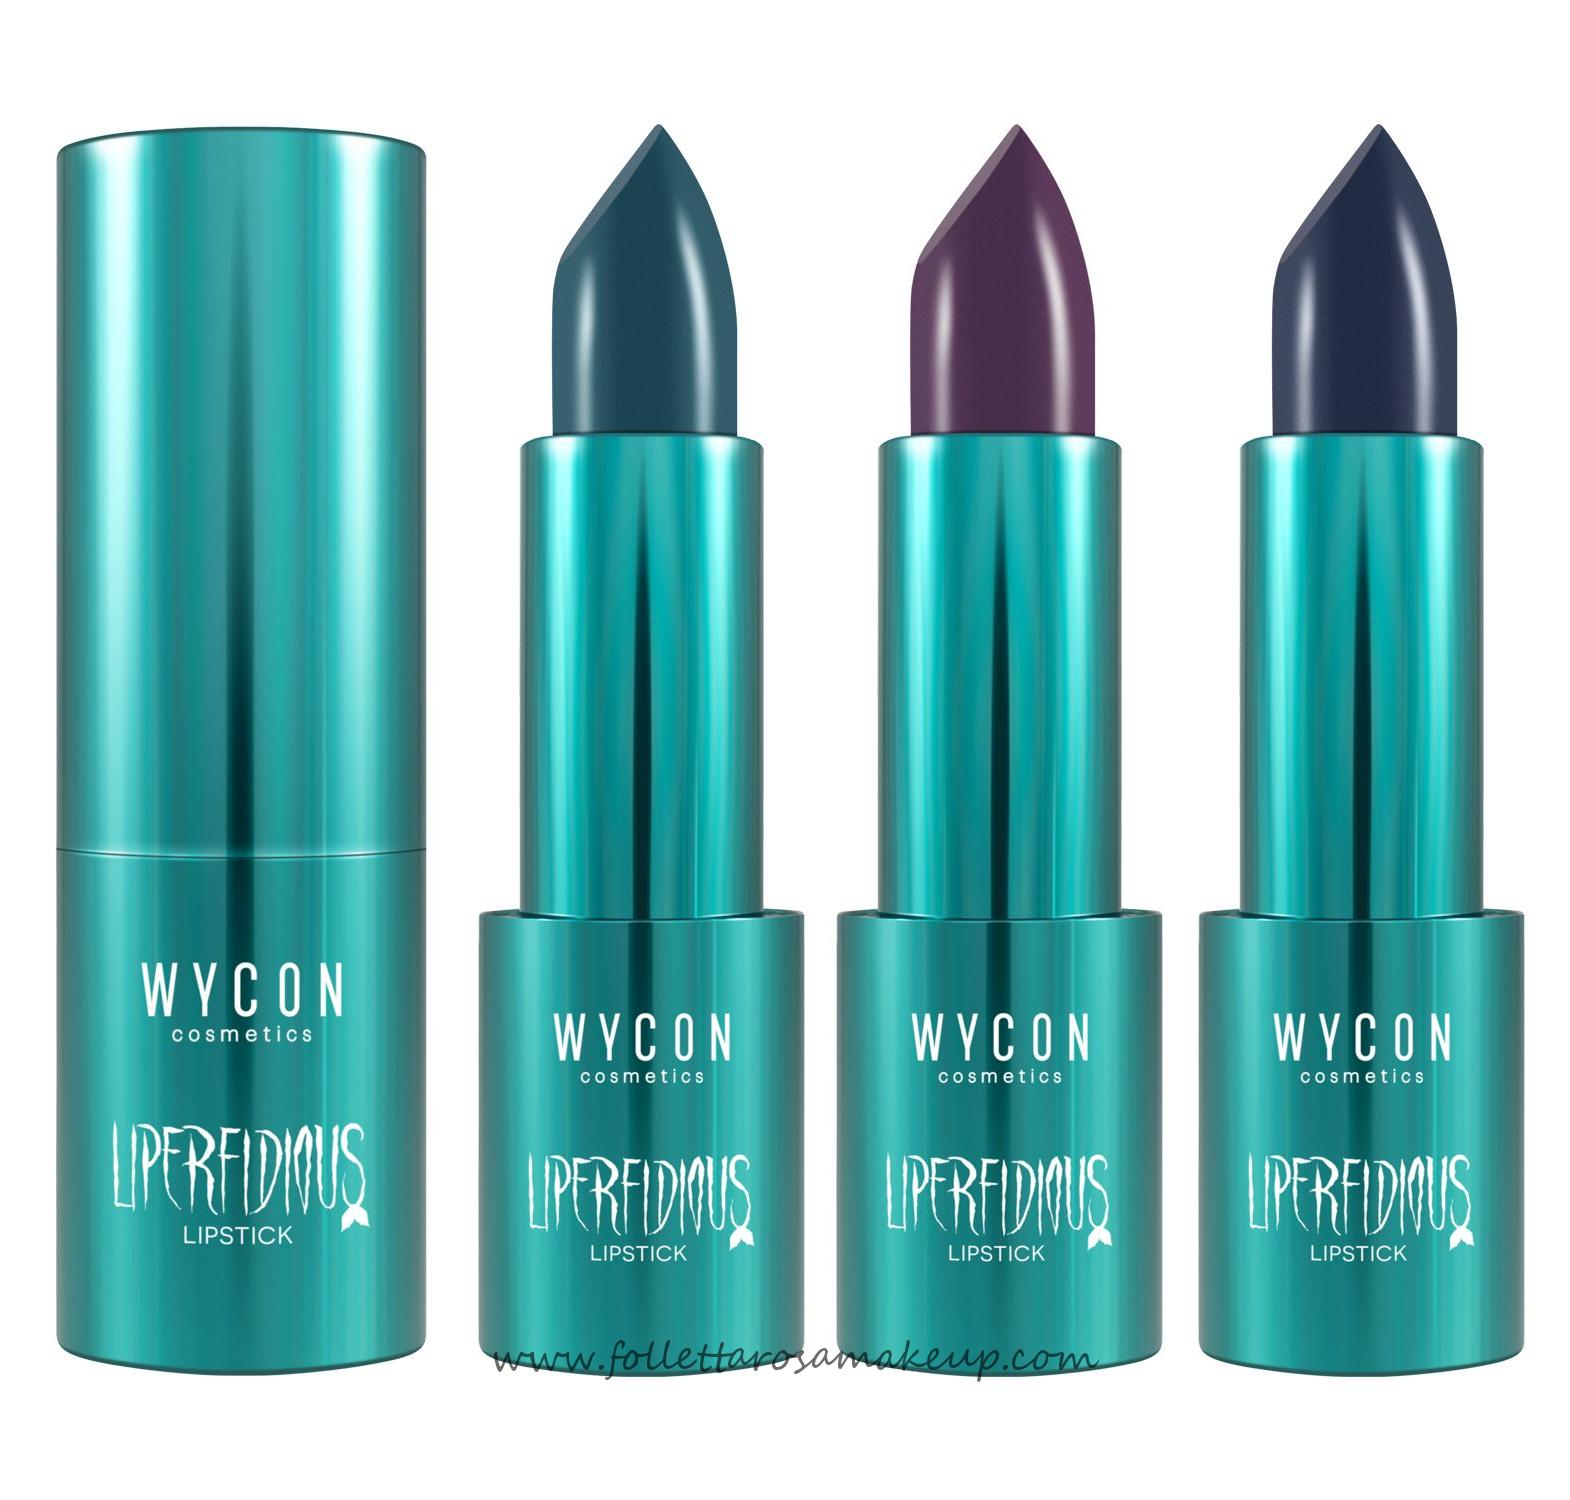 liperfidious-lipstick-wycon